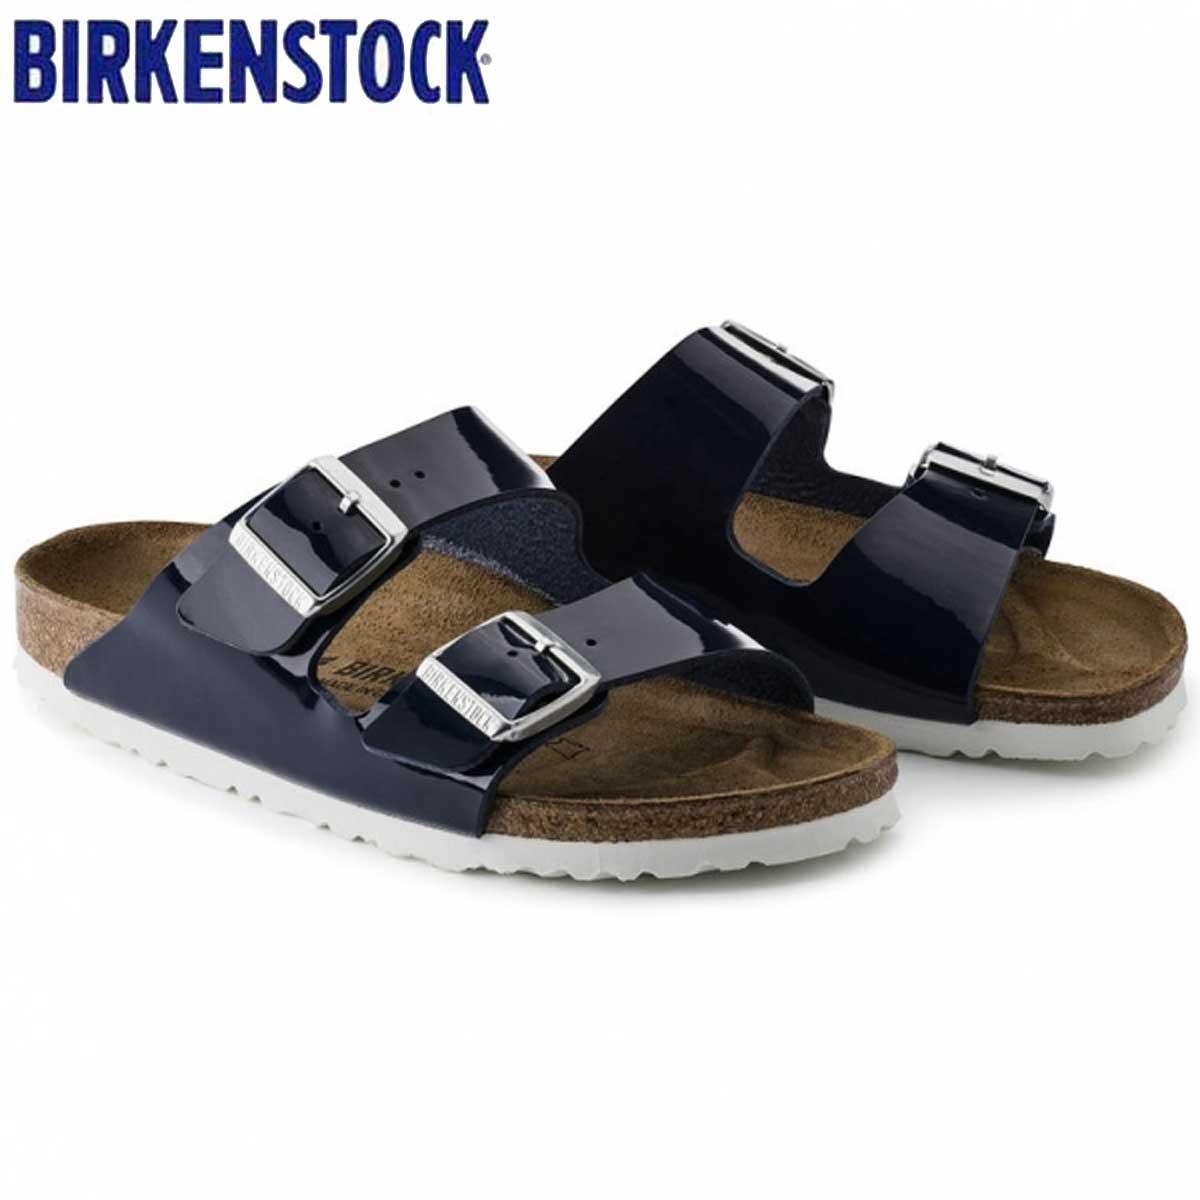 ビルケンシュトック BIRKENSTOCK ARIZONA(アリゾナ)GC 1005296 ドレスブルー パテント(ビルコフロー)(レディース サンダル)「正規輸入品」ドイツ生まれの快適サンダル「靴」